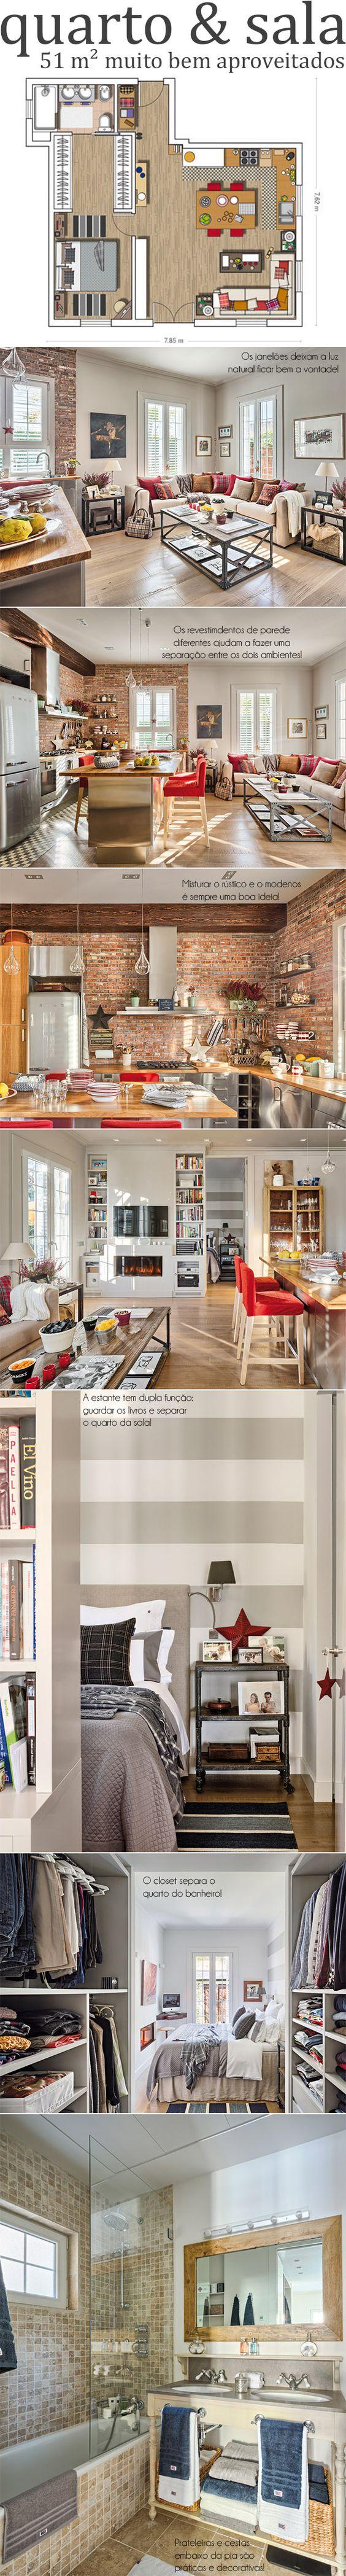 Como mobiliar um apartamento pequeno e simples 11